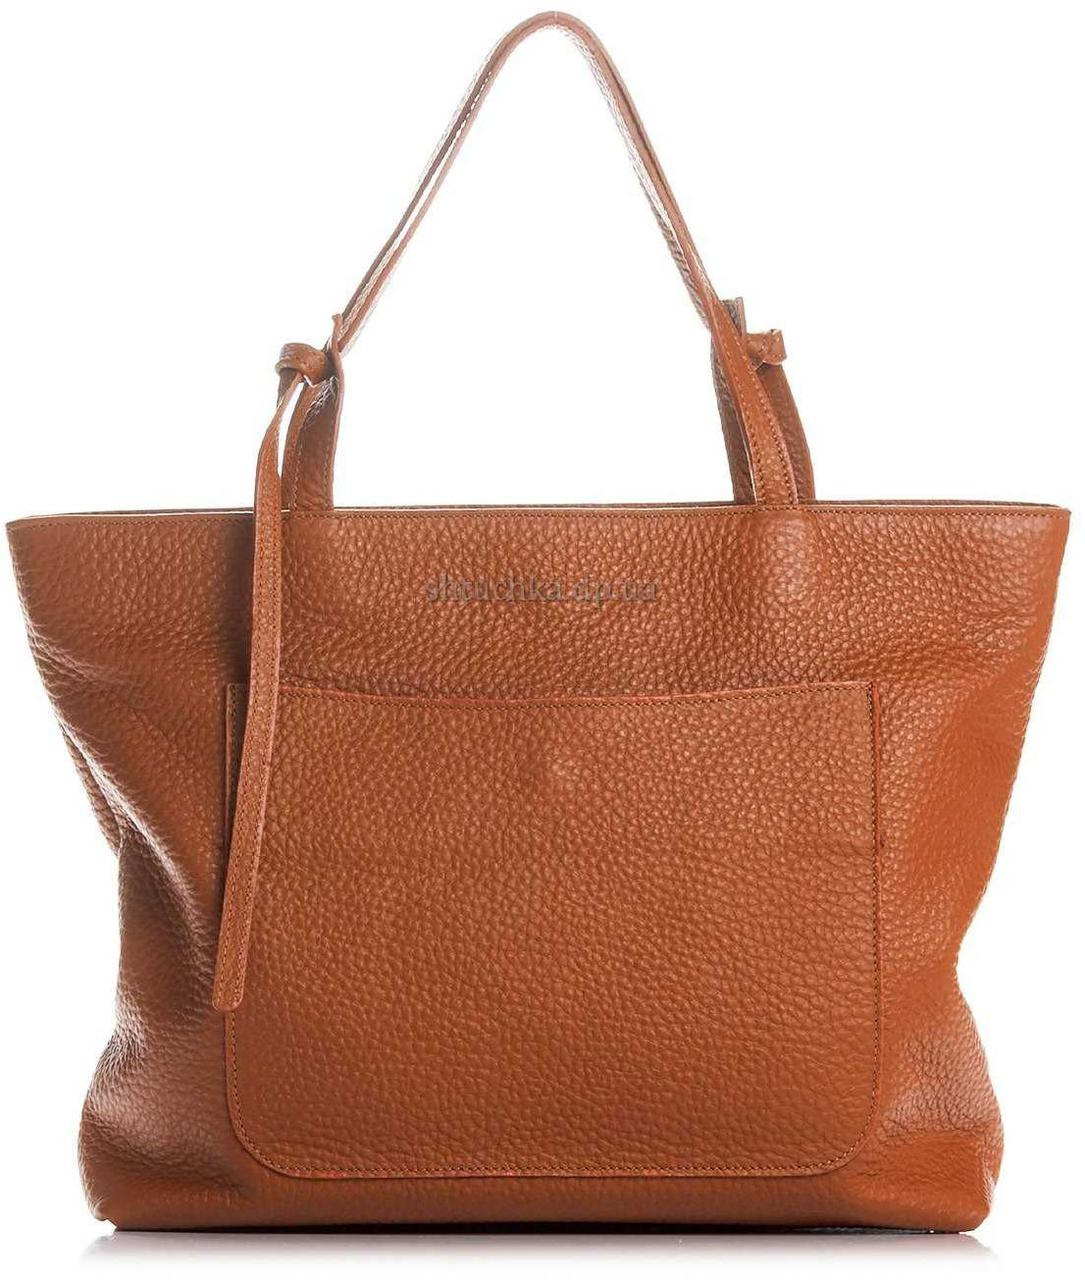 72a9c2e48f08 Женская деловая кожаная сумка cuoio 8894_cuoio - eMotion интернет-магазин в  Днепре